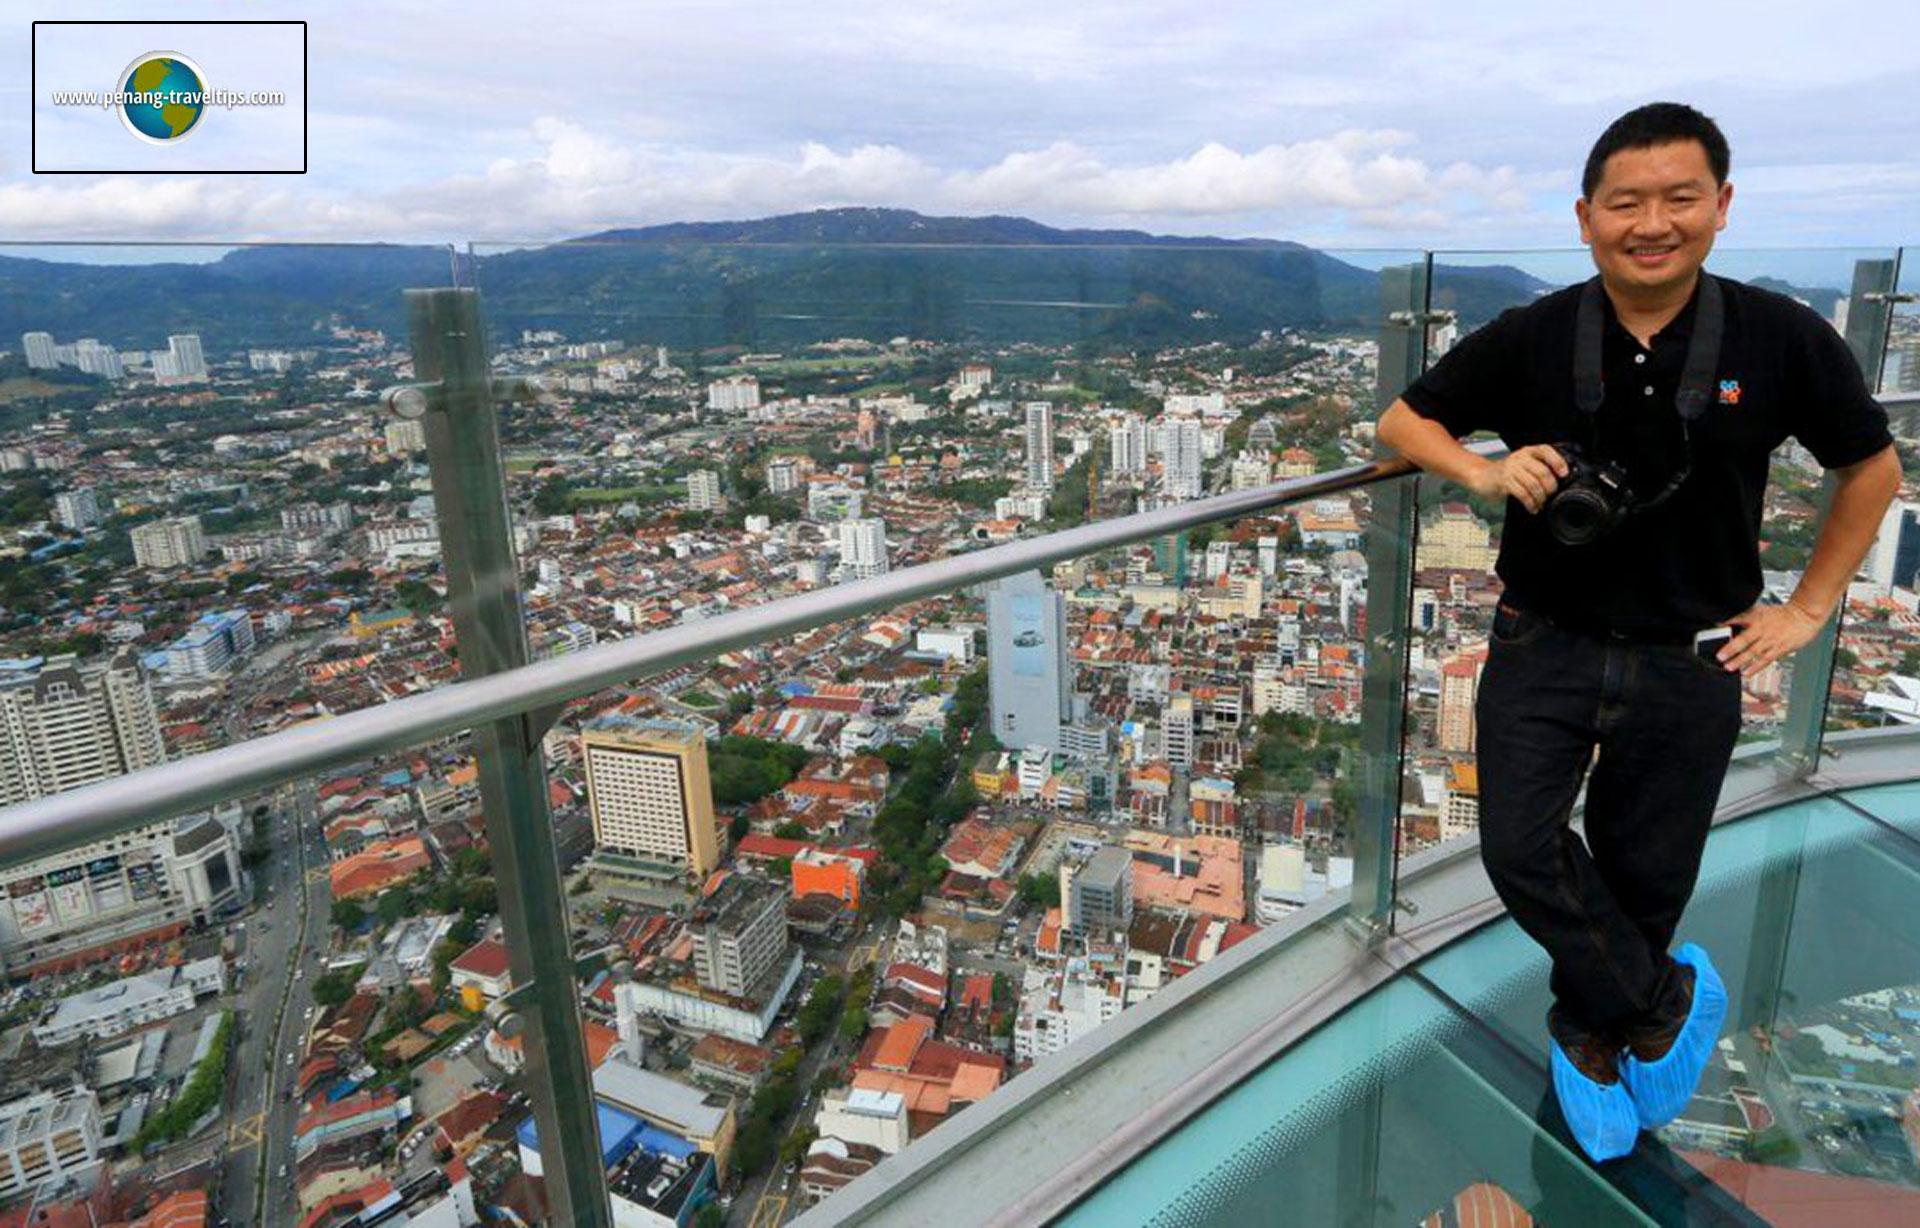 Τι προτείνει ο Timothy Tye για όποιον ενδιαφέρεται να επισκεφτεί την Μαλαισία